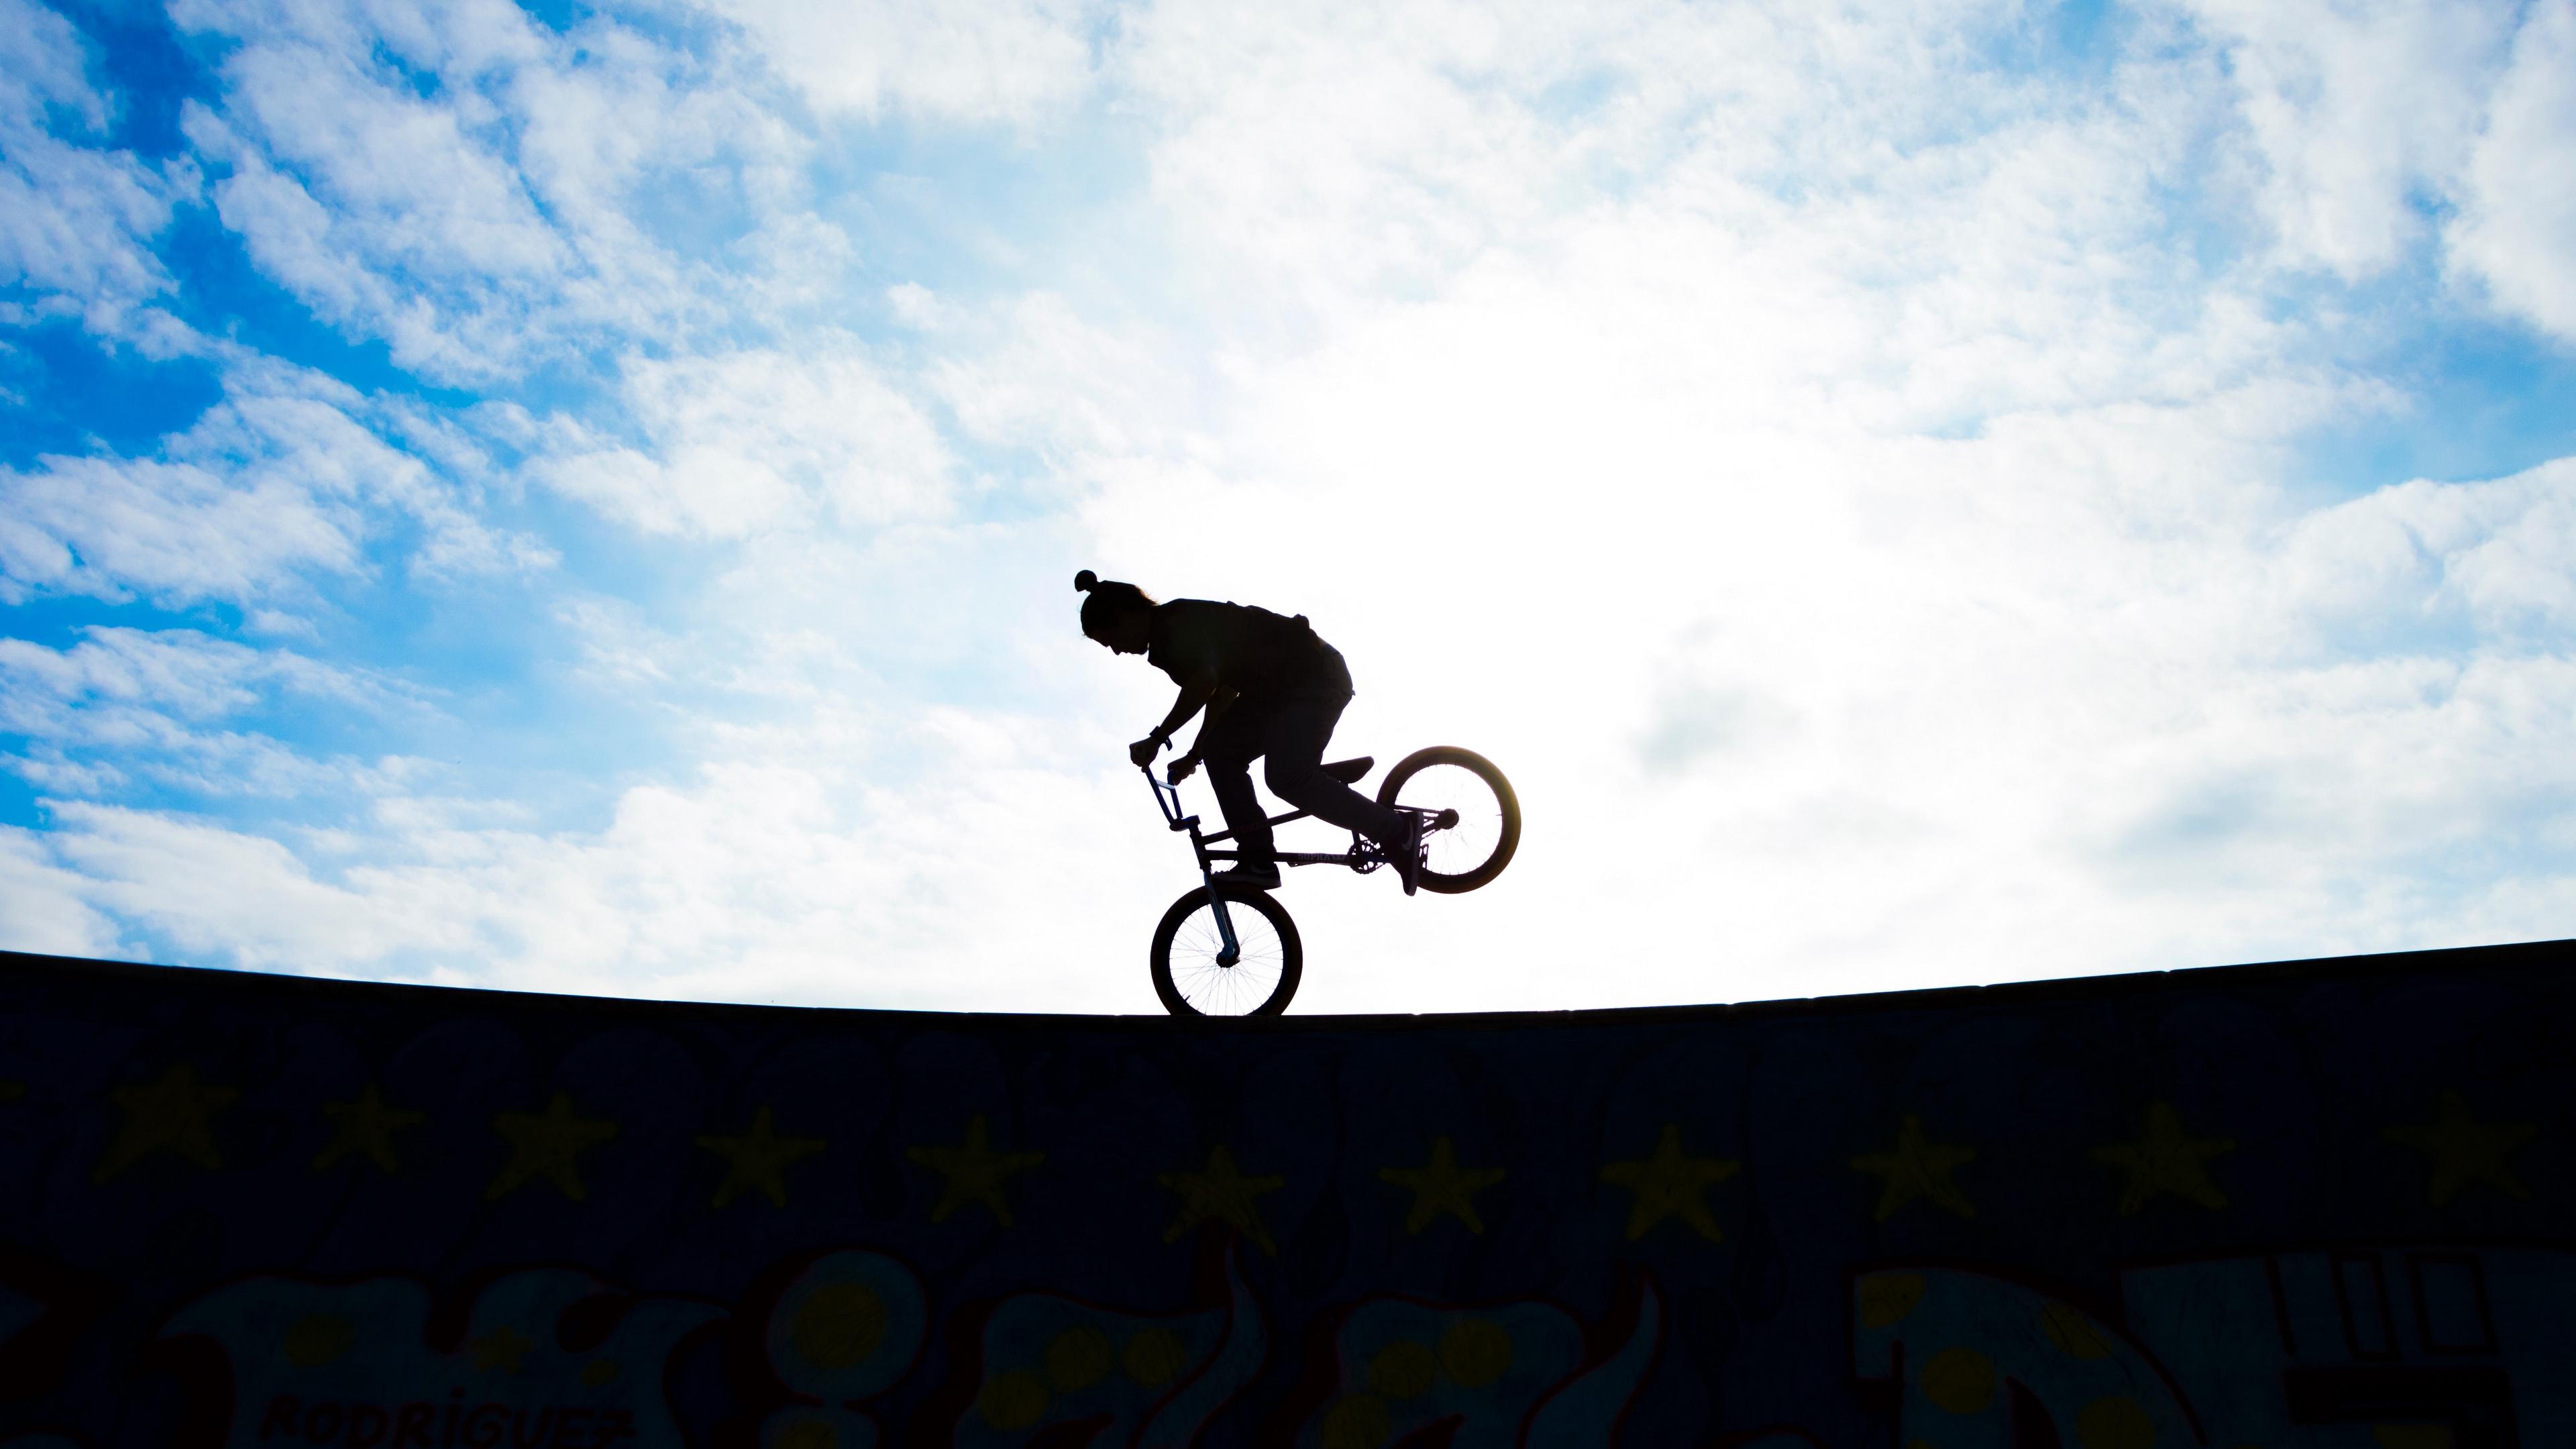 biker silhouette sky 4k 1540061875 - biker, silhouette, sky 4k - Sky, Silhouette, Biker